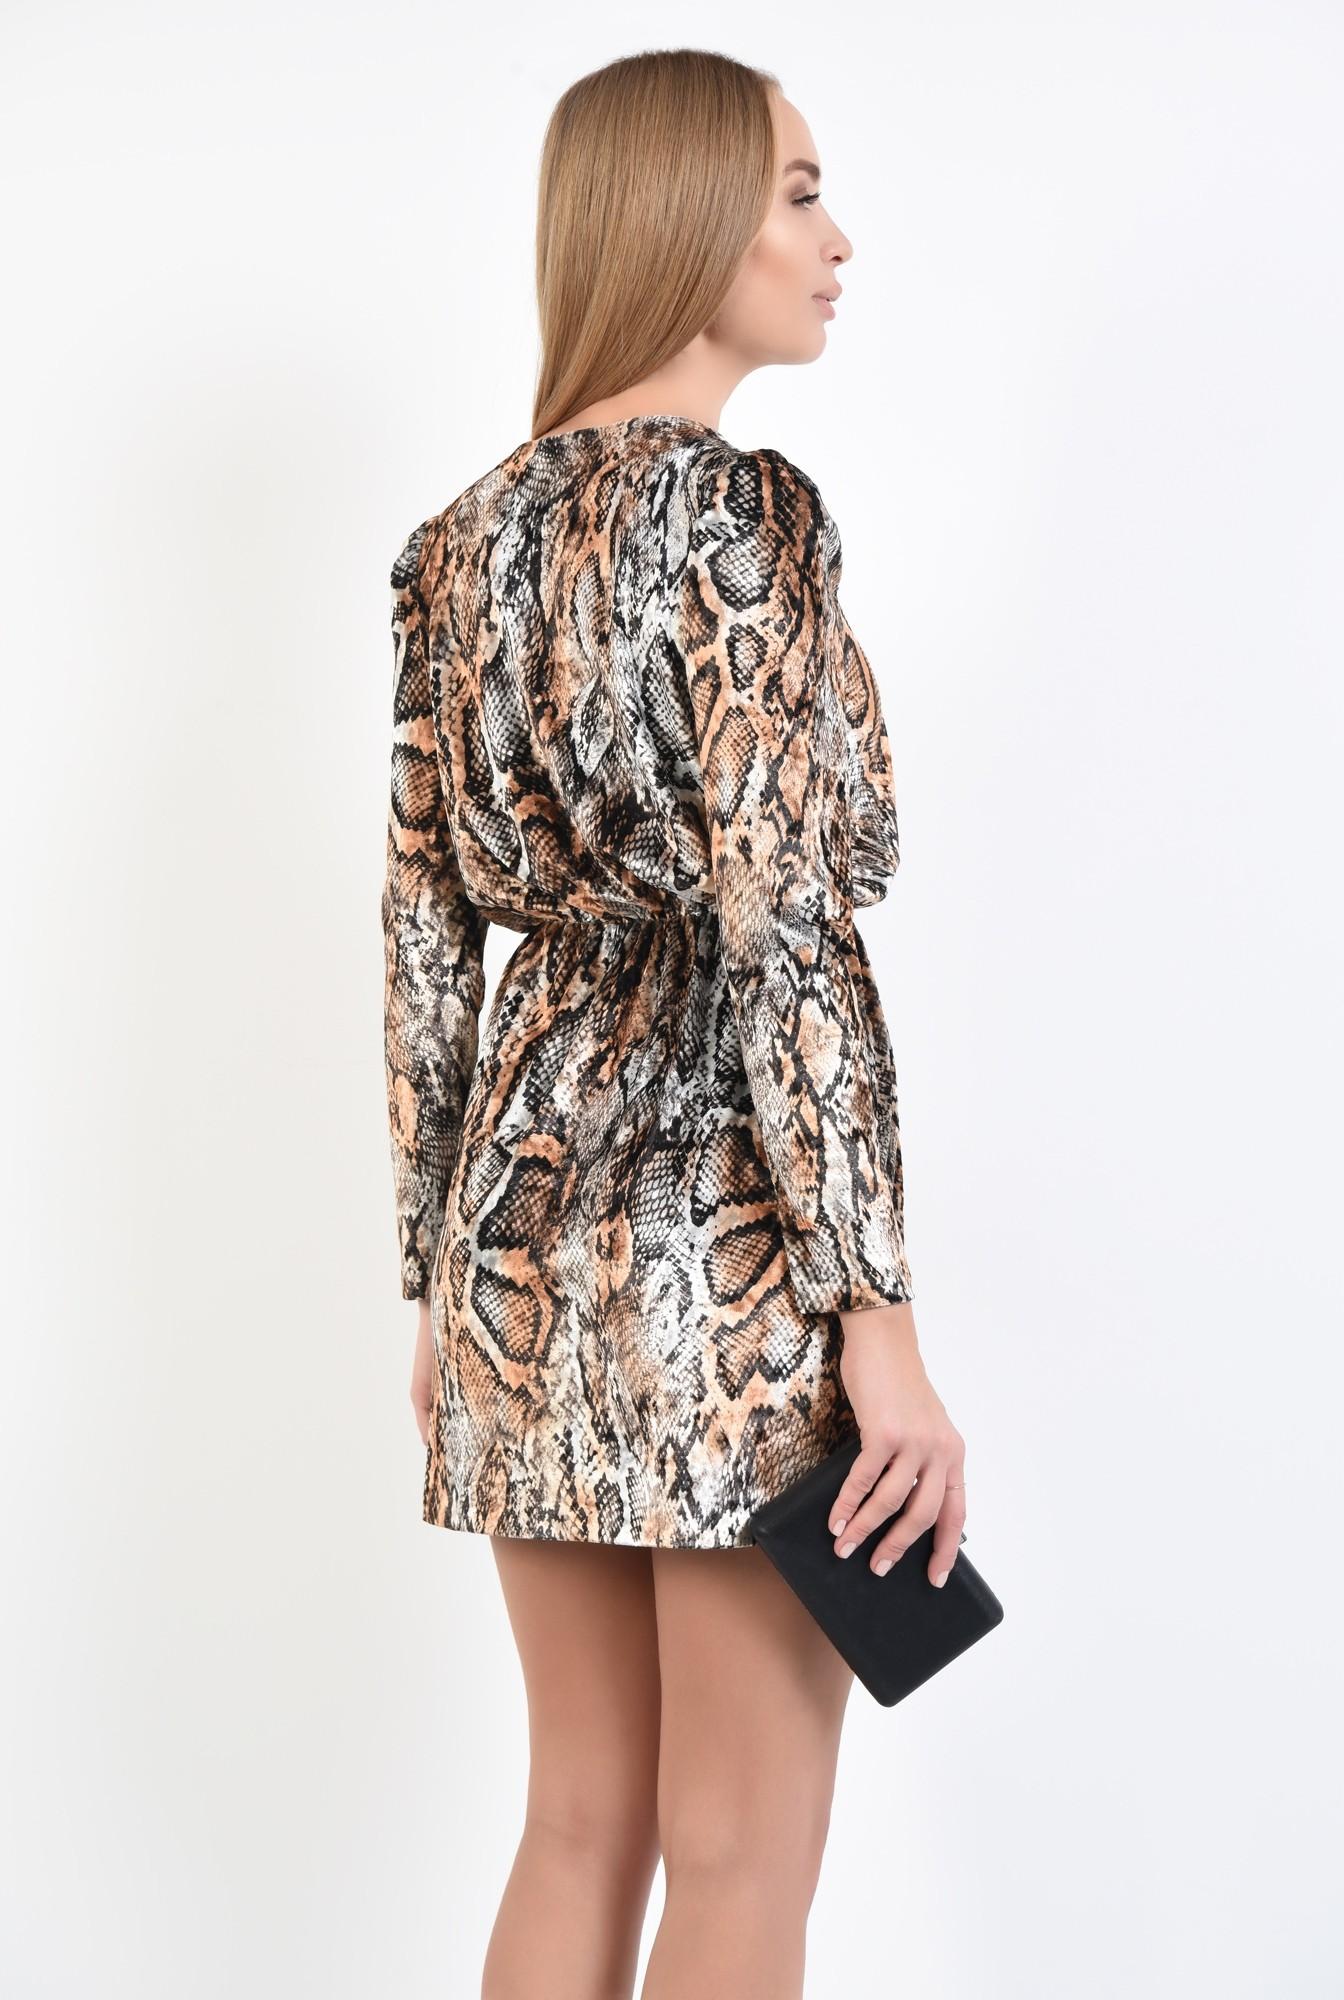 1 - rochie de seara, catifea imprimata, scurta, cu anchior, rochii online